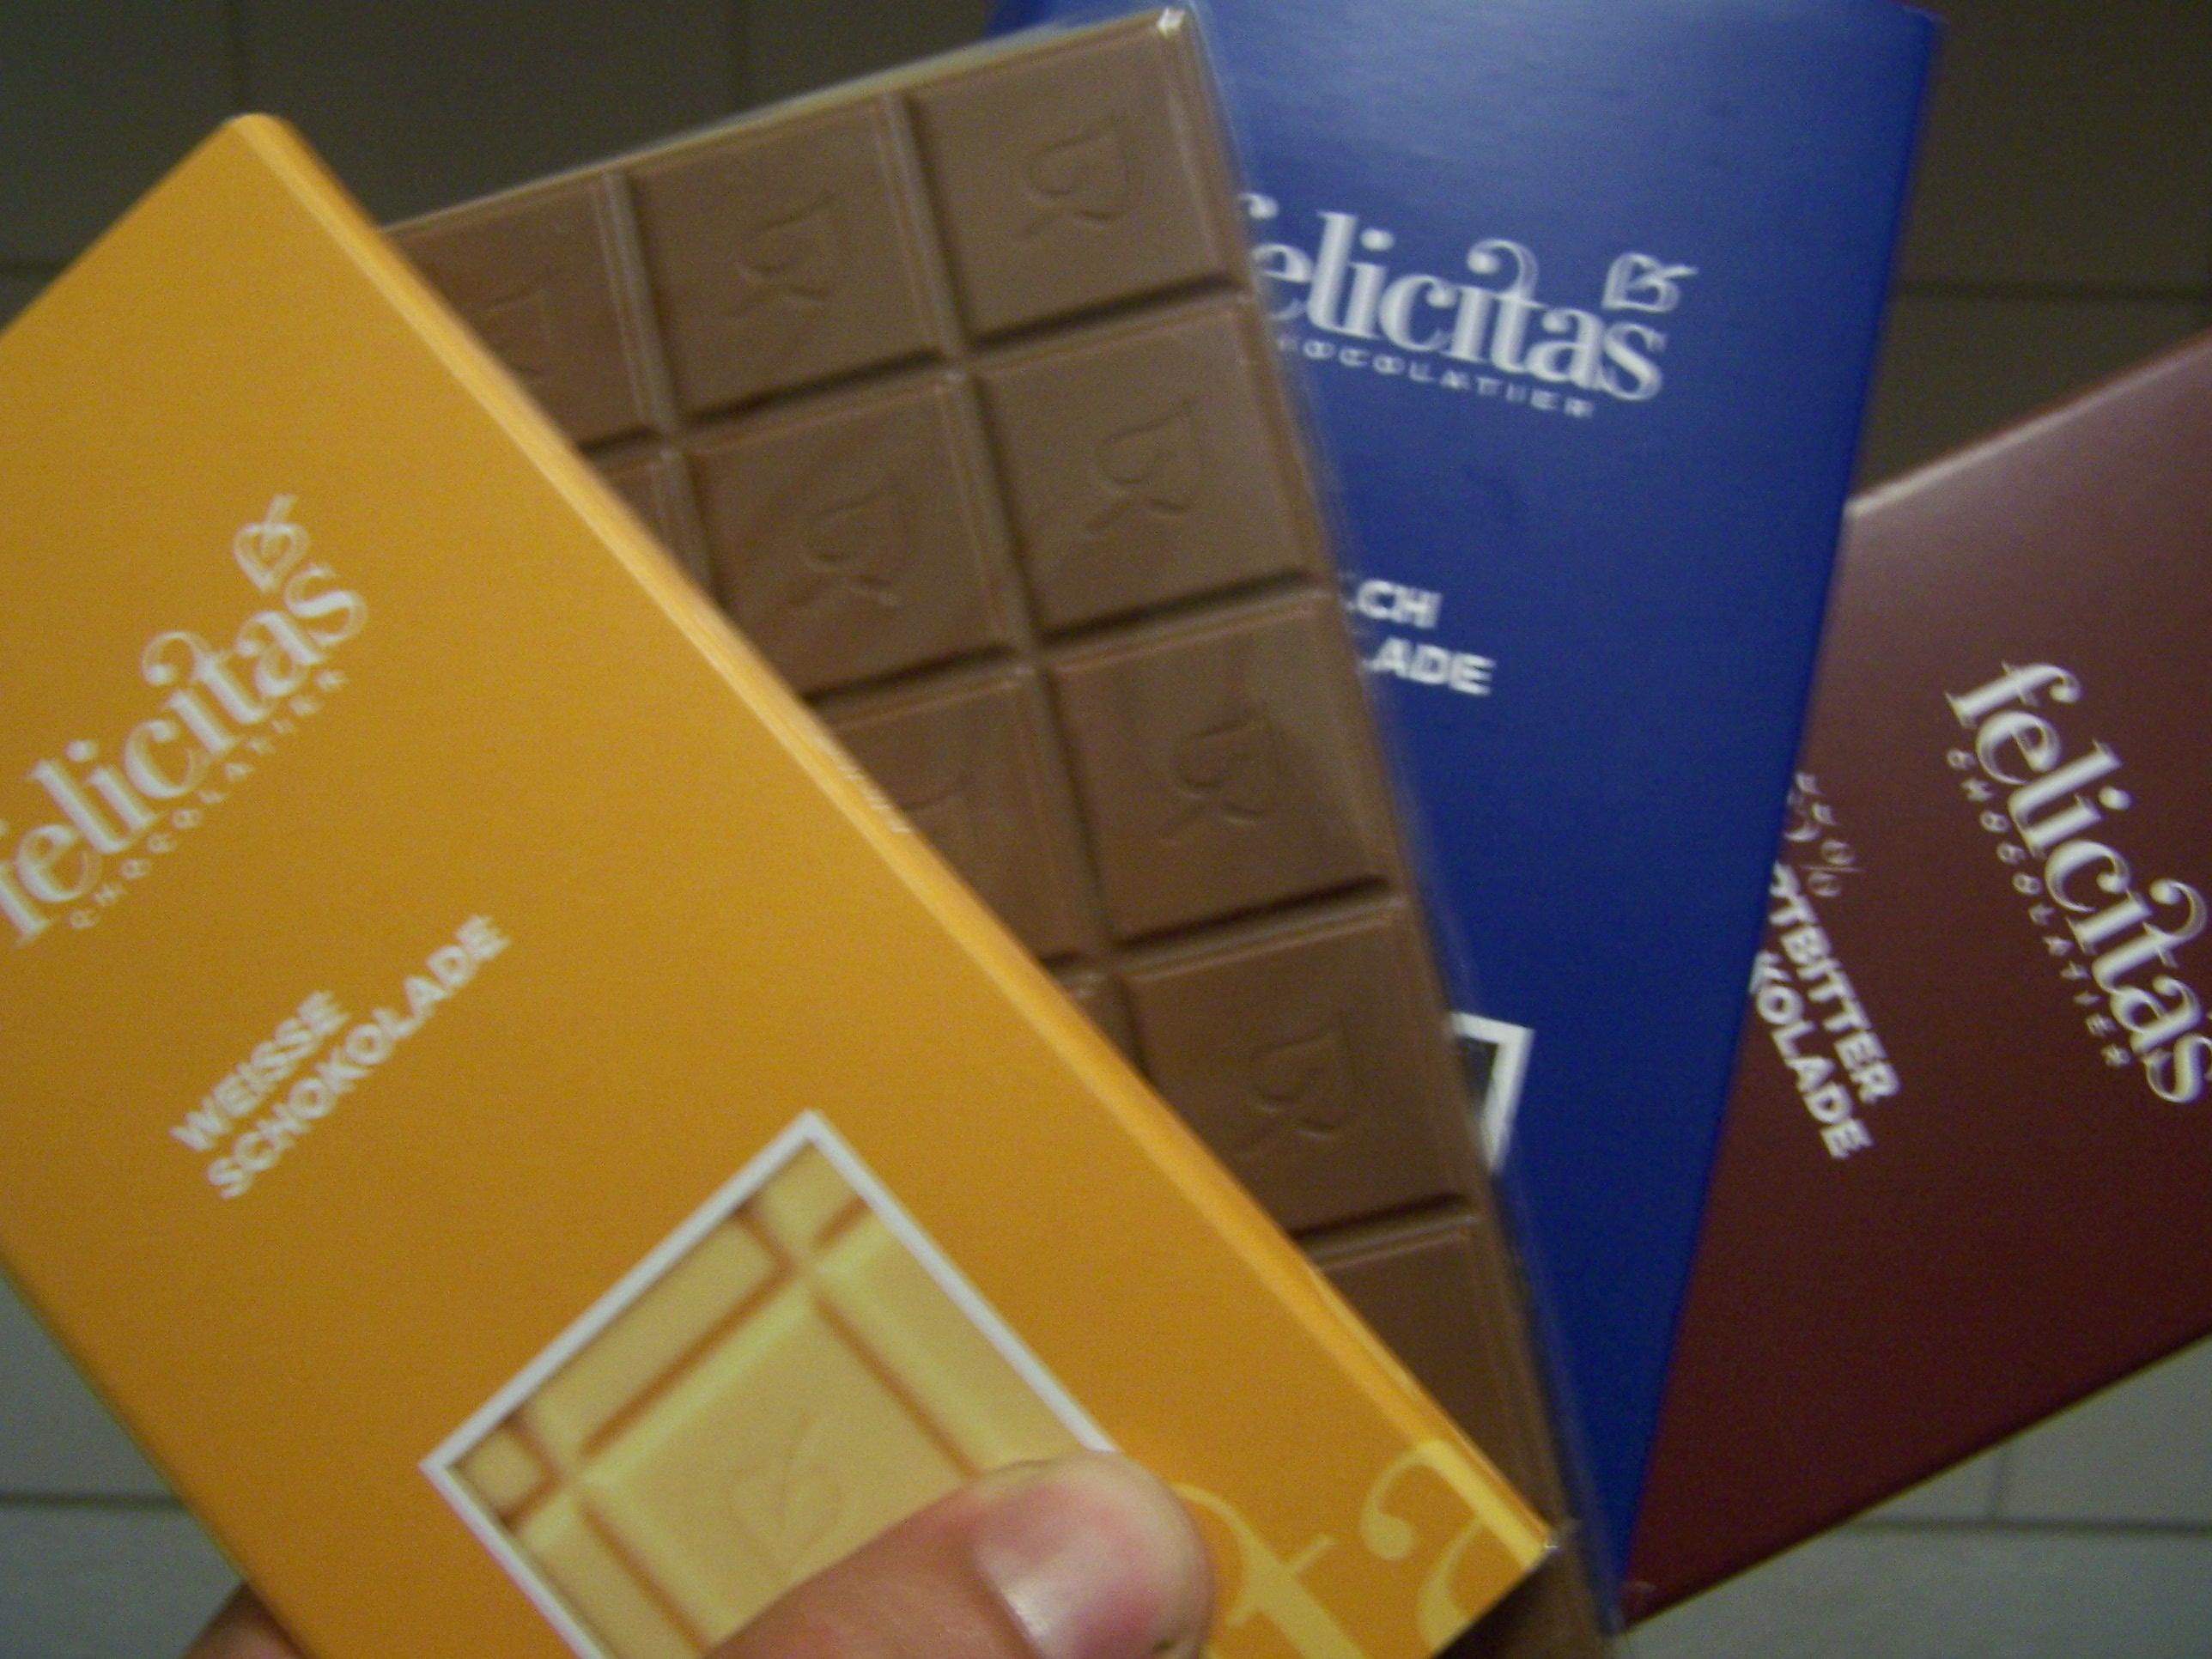 Schokolade Felicitas